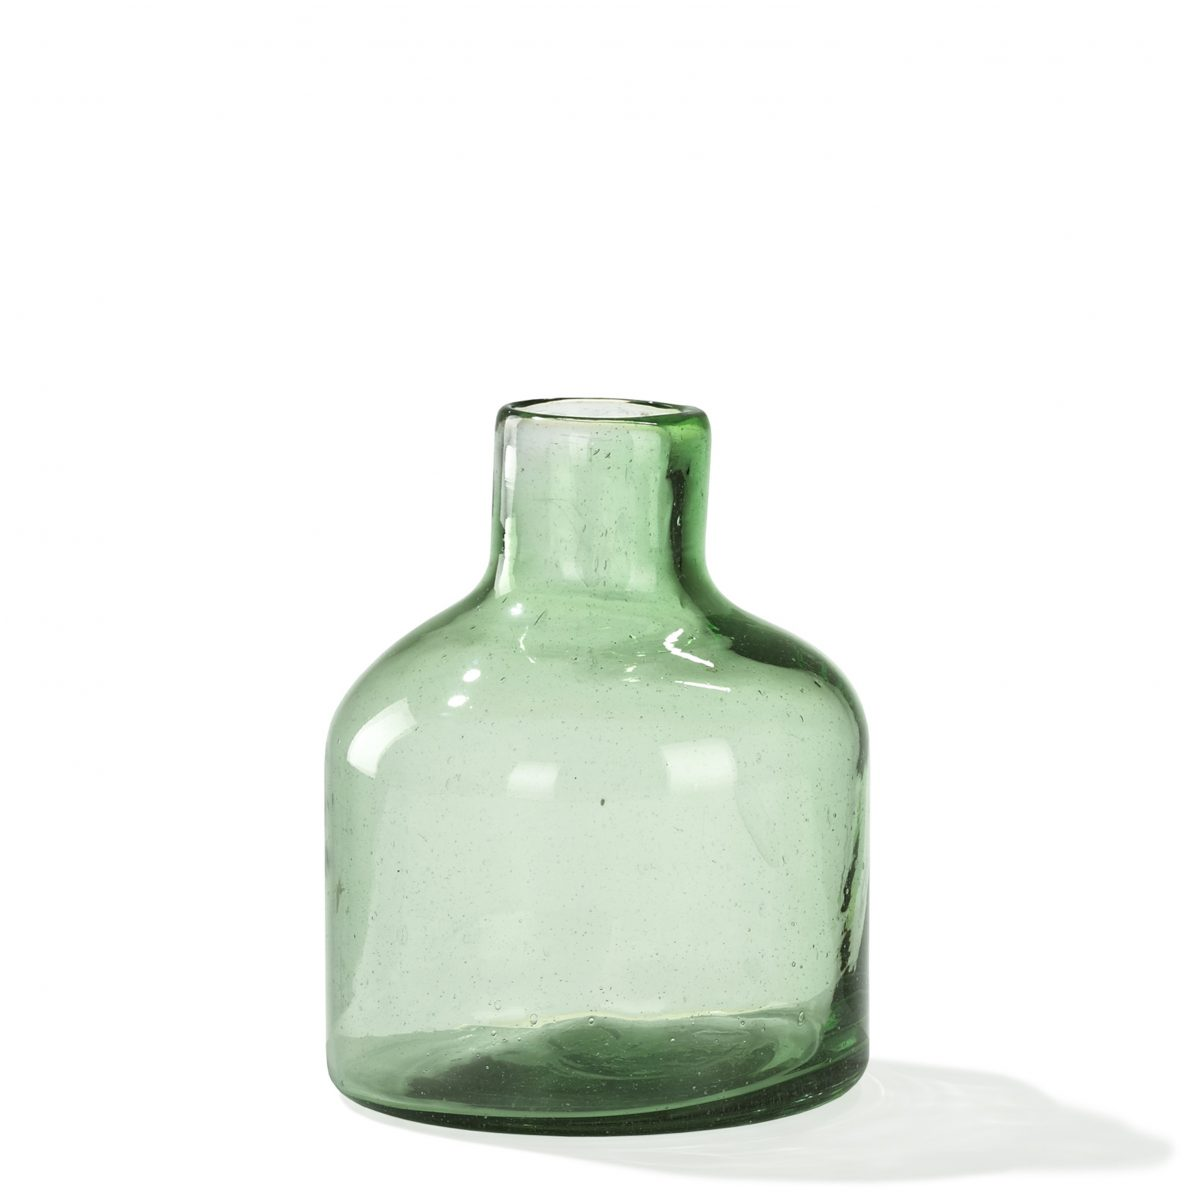 Vase 20 green Van Eijk Vander Lubbe